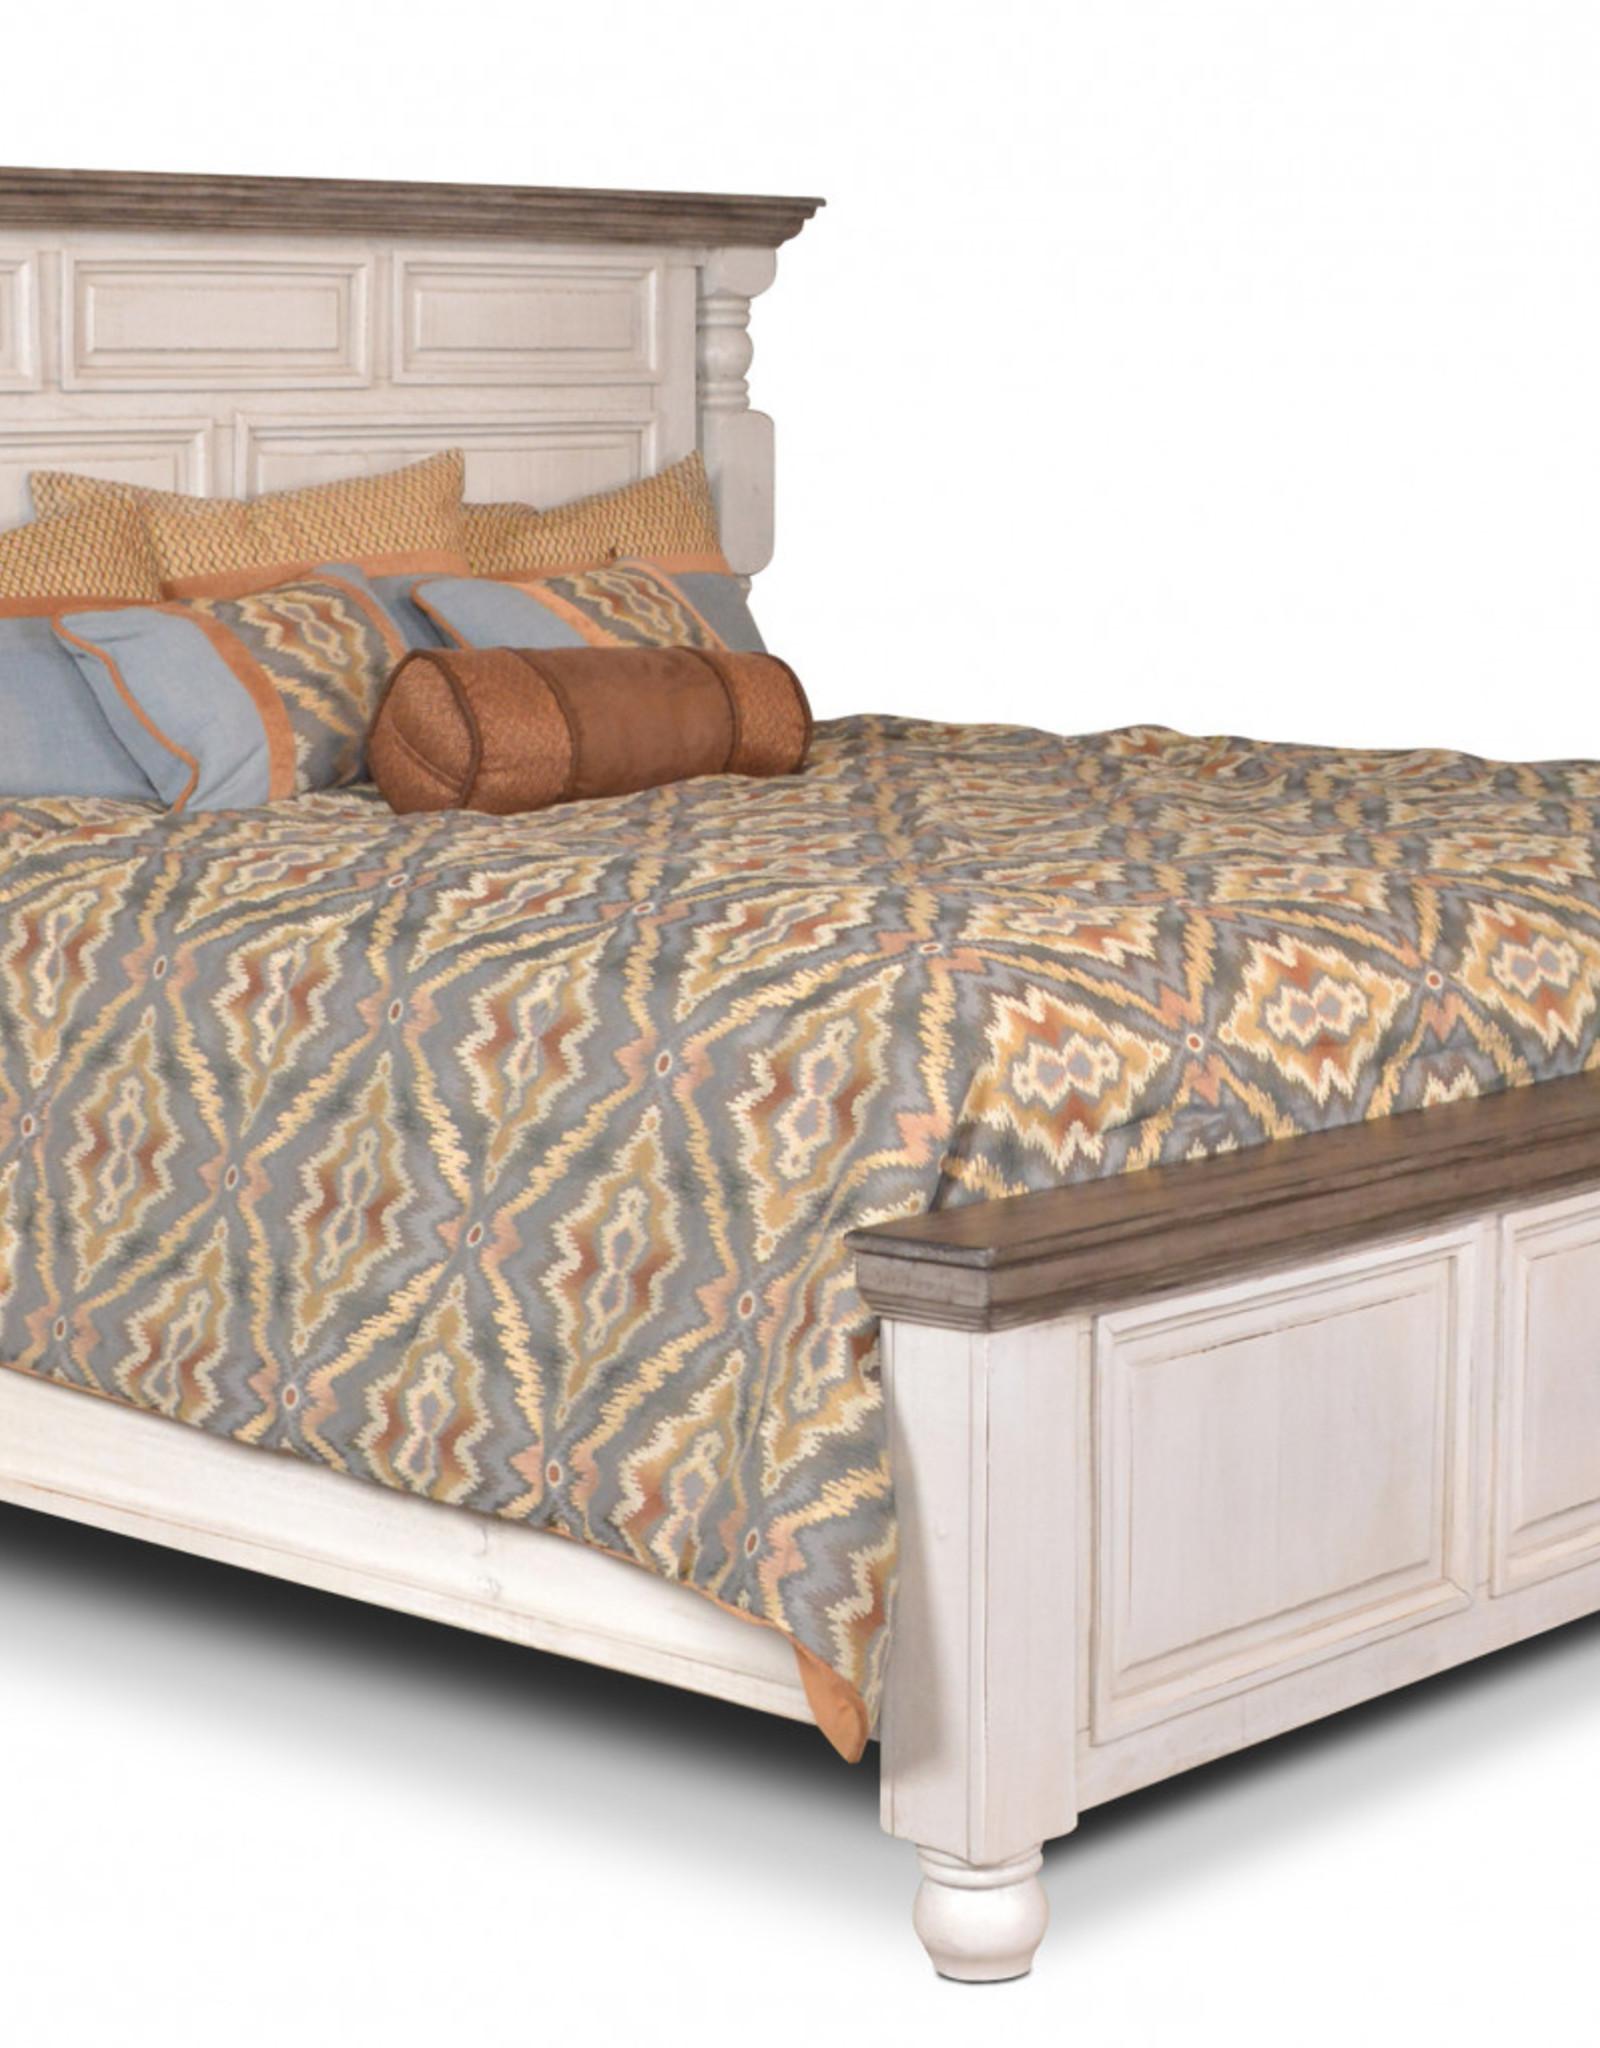 Horizon Home Bay View Queen Bed